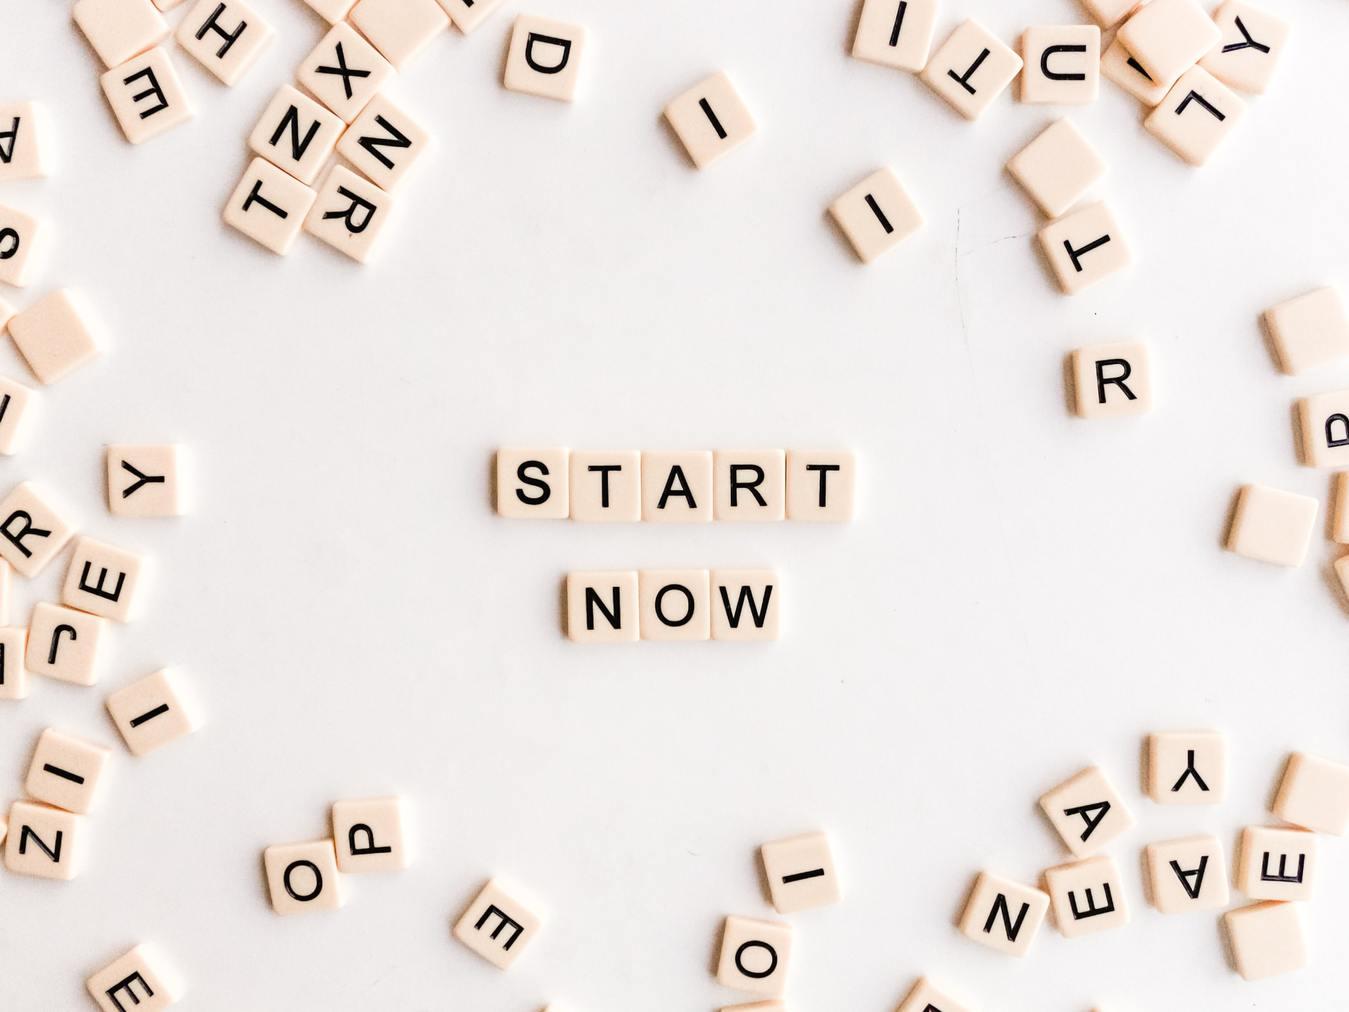 Image sur fond blanc ou il est écrit avec des lettres de Scrabble en anglais : Commencez maintenant